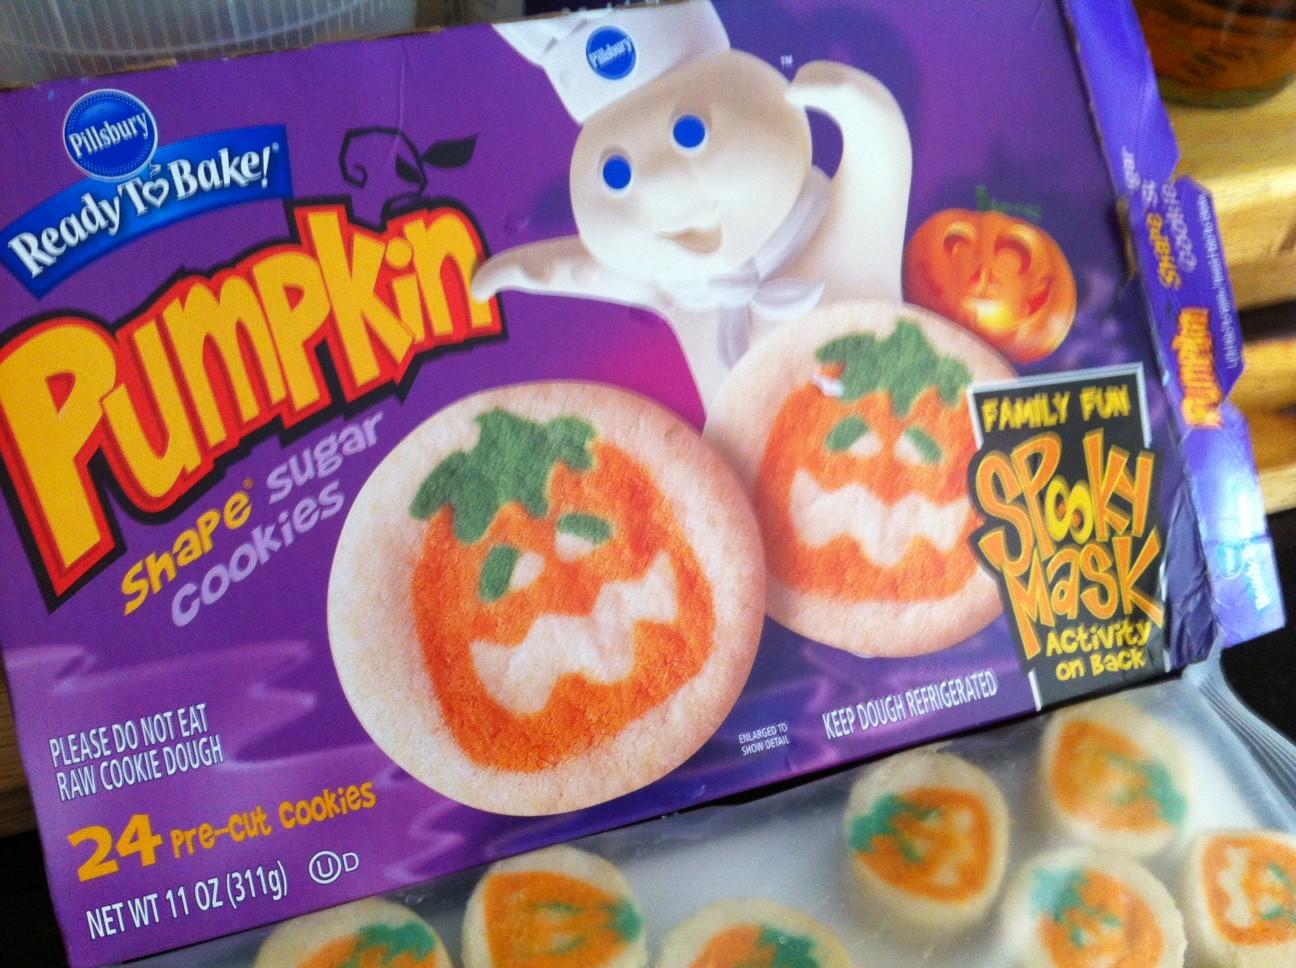 Pillsbury Halloween Cookies Walmart  pillsbury cookies halloween